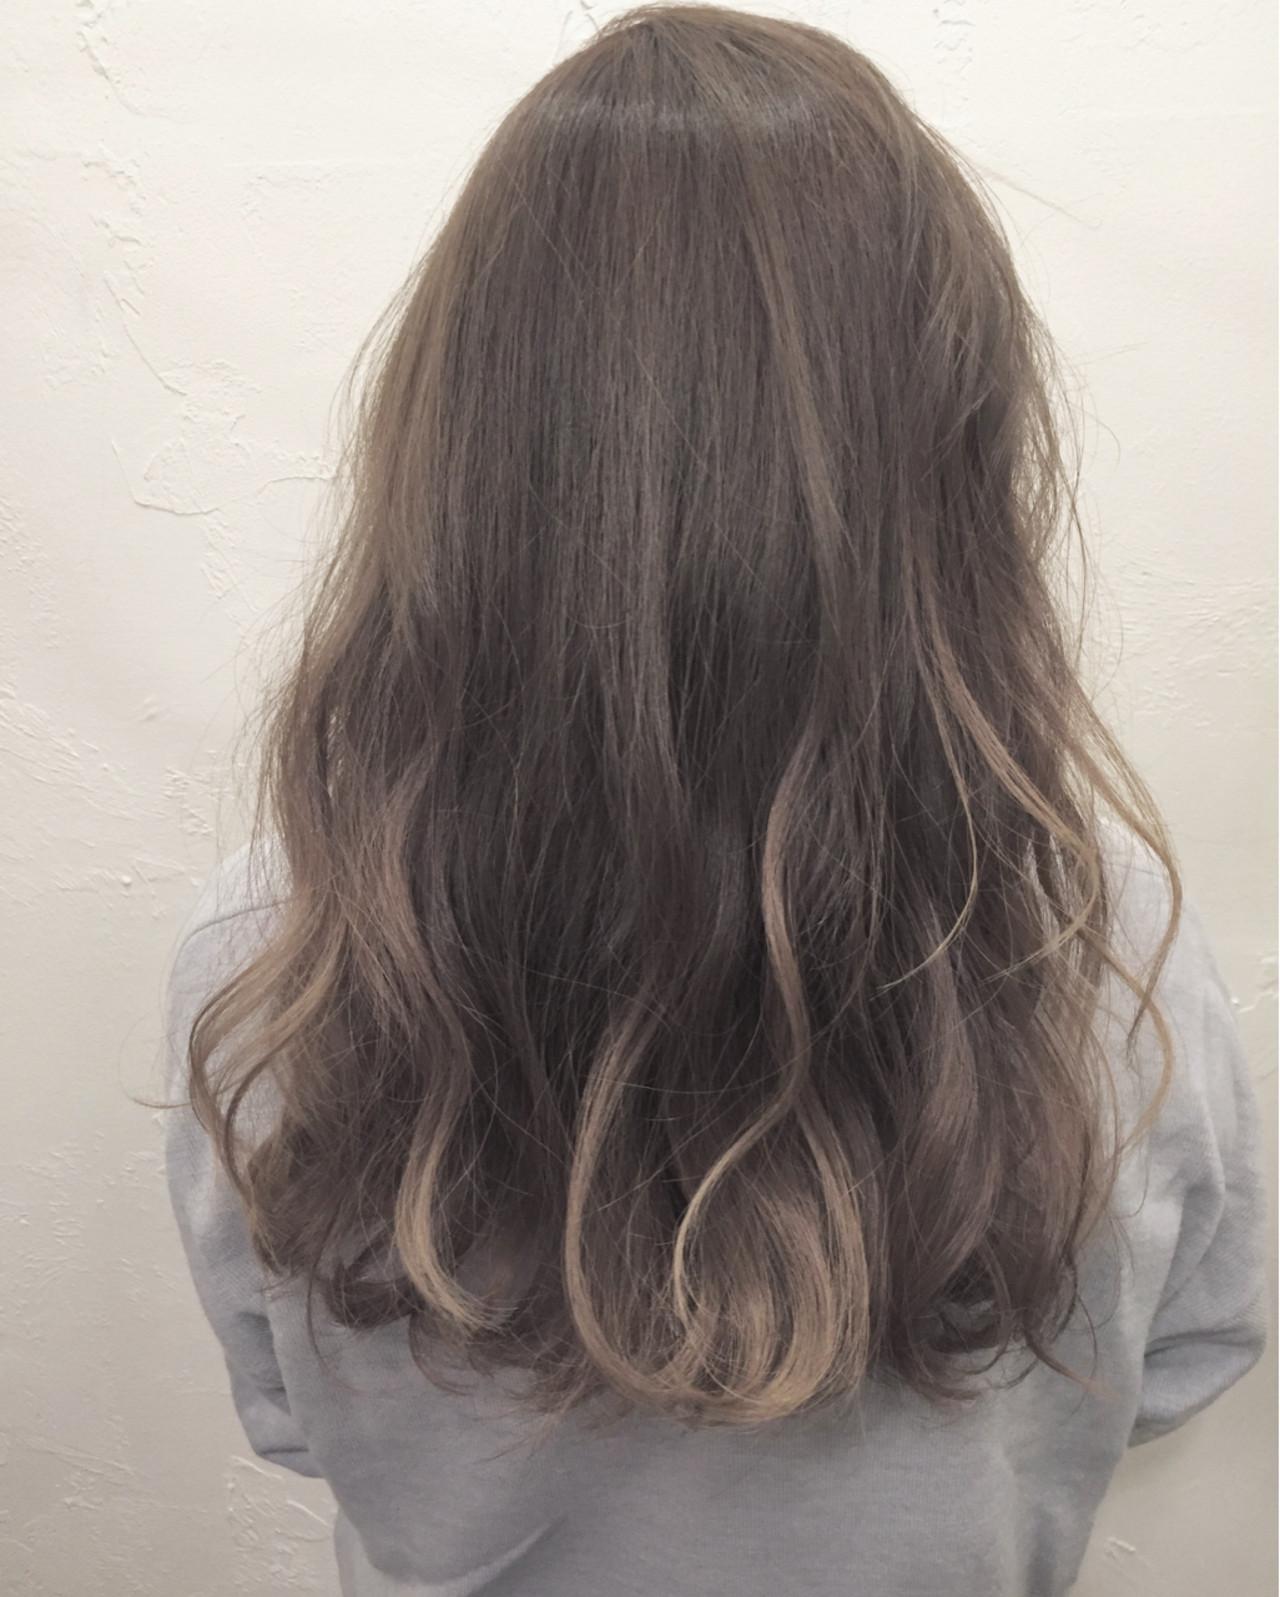 アッシュ ミディアム ナチュラル ハイライトヘアスタイルや髪型の写真・画像